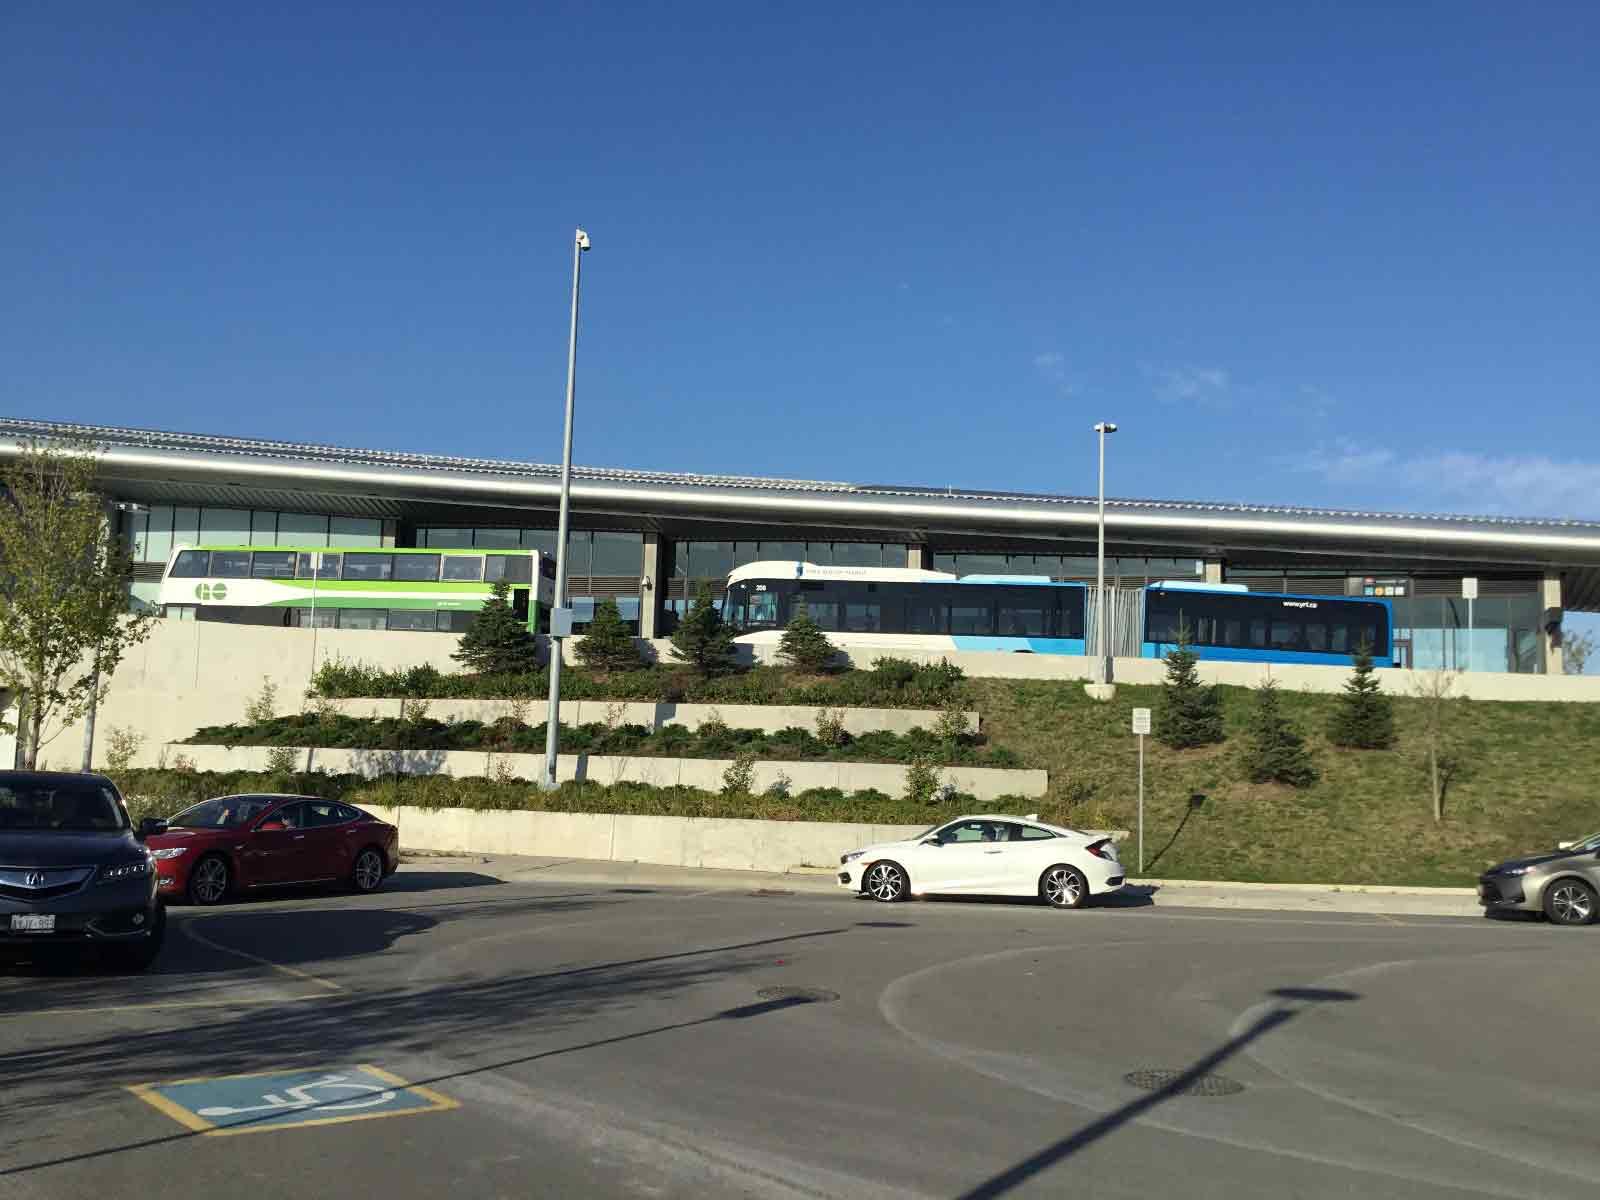 2階建てバスと超ロングバスのコラボ